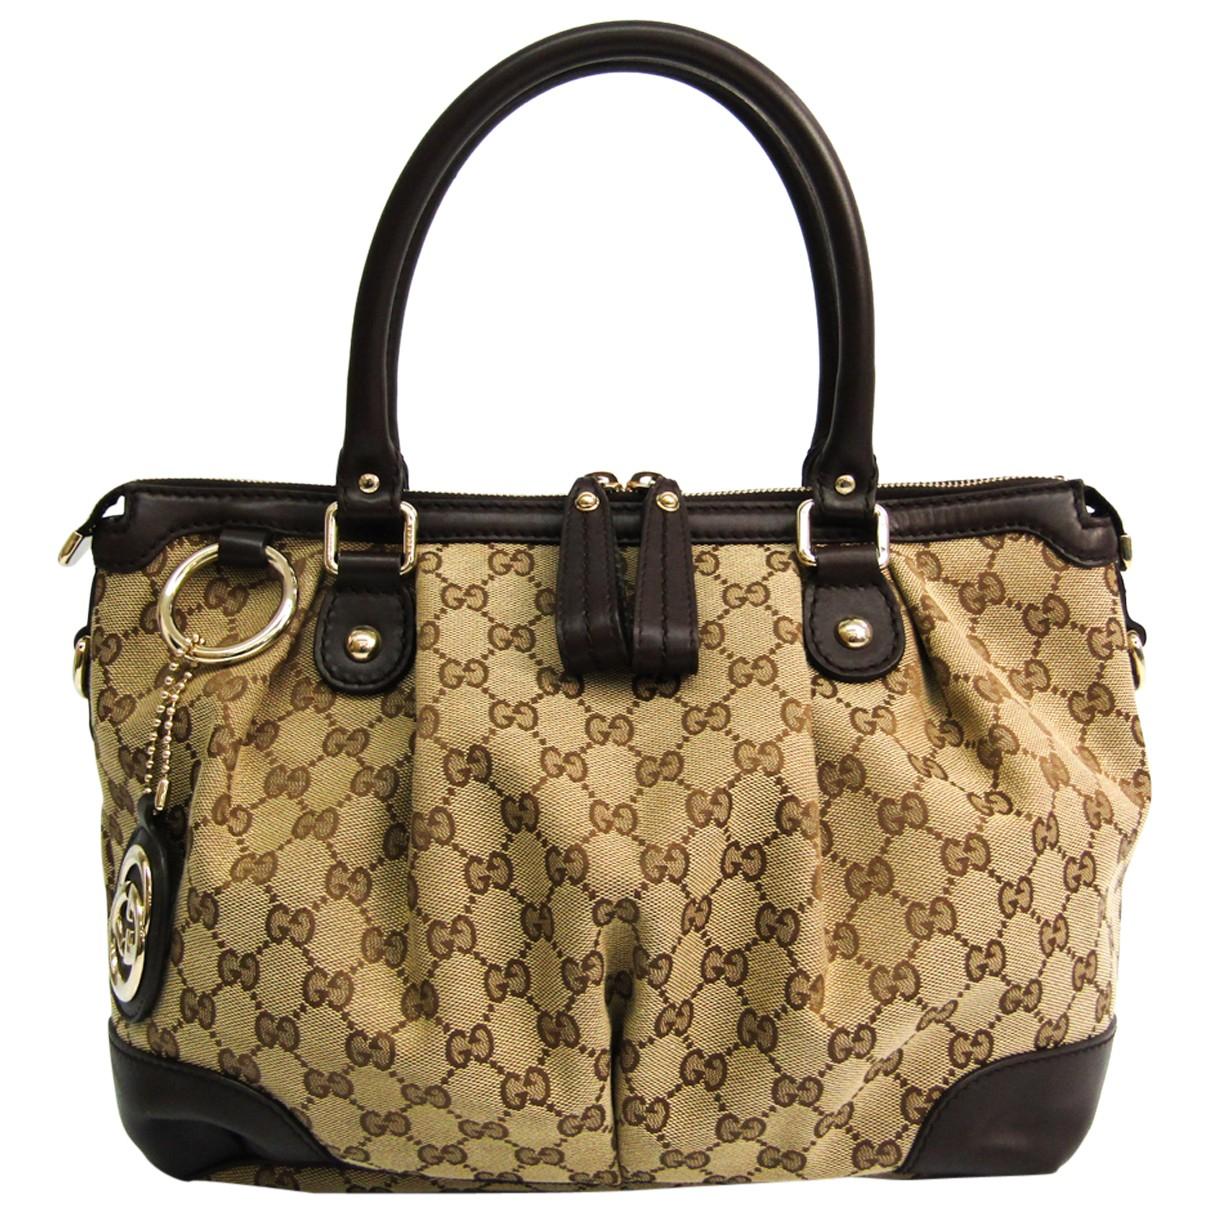 Gucci - Sac a main Sukey pour femme en toile - marron